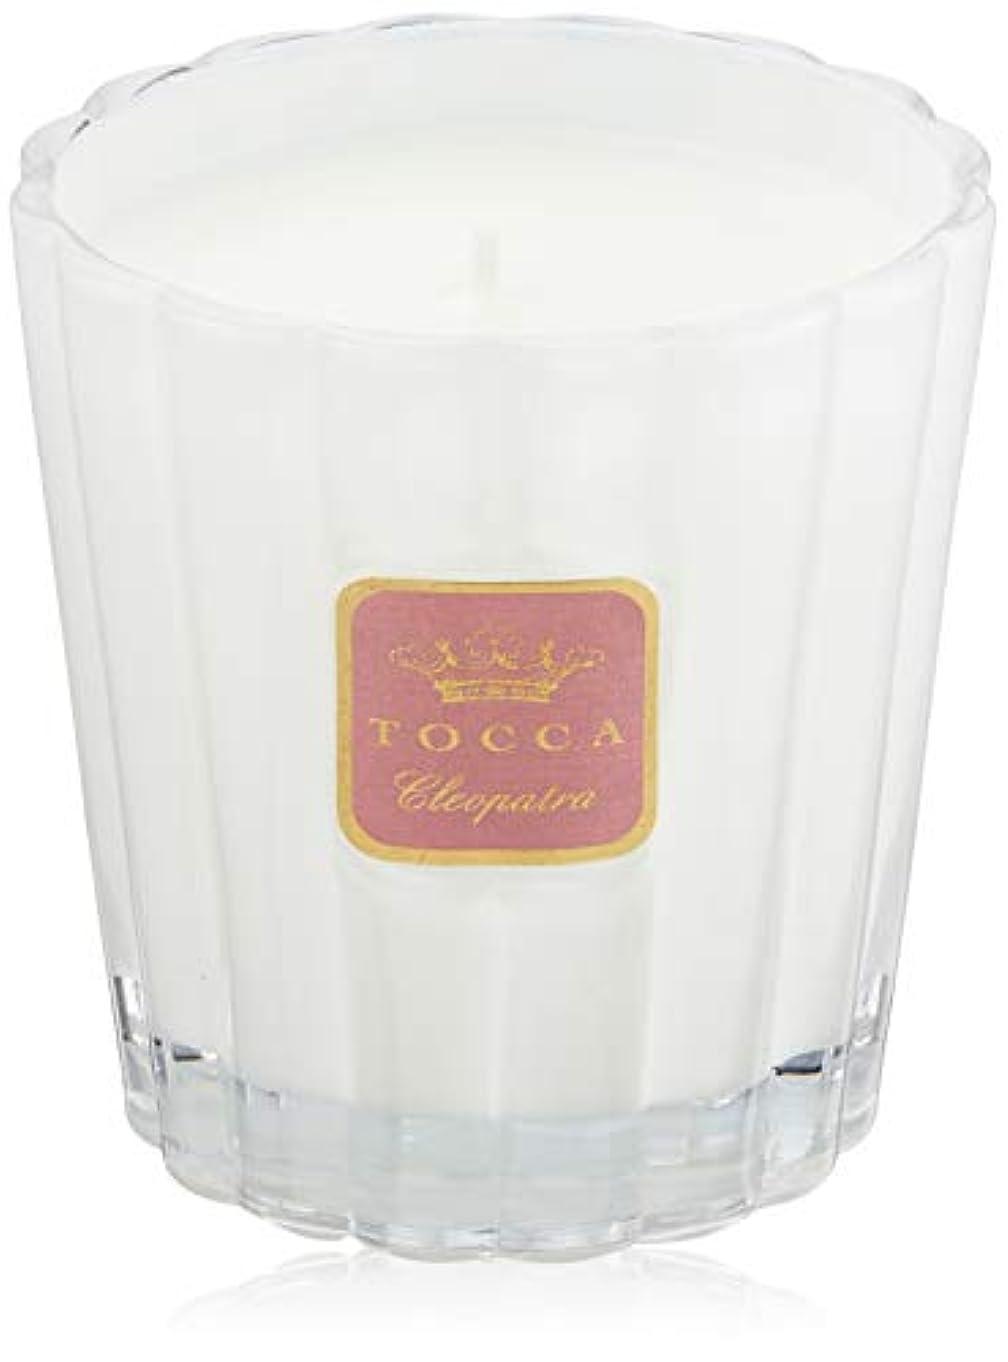 遊びます疑いとにかくトッカ(TOCCA) キャンドル クレオパトラの香り 約287g (ろうそく フレッシュでクリーンな香り)